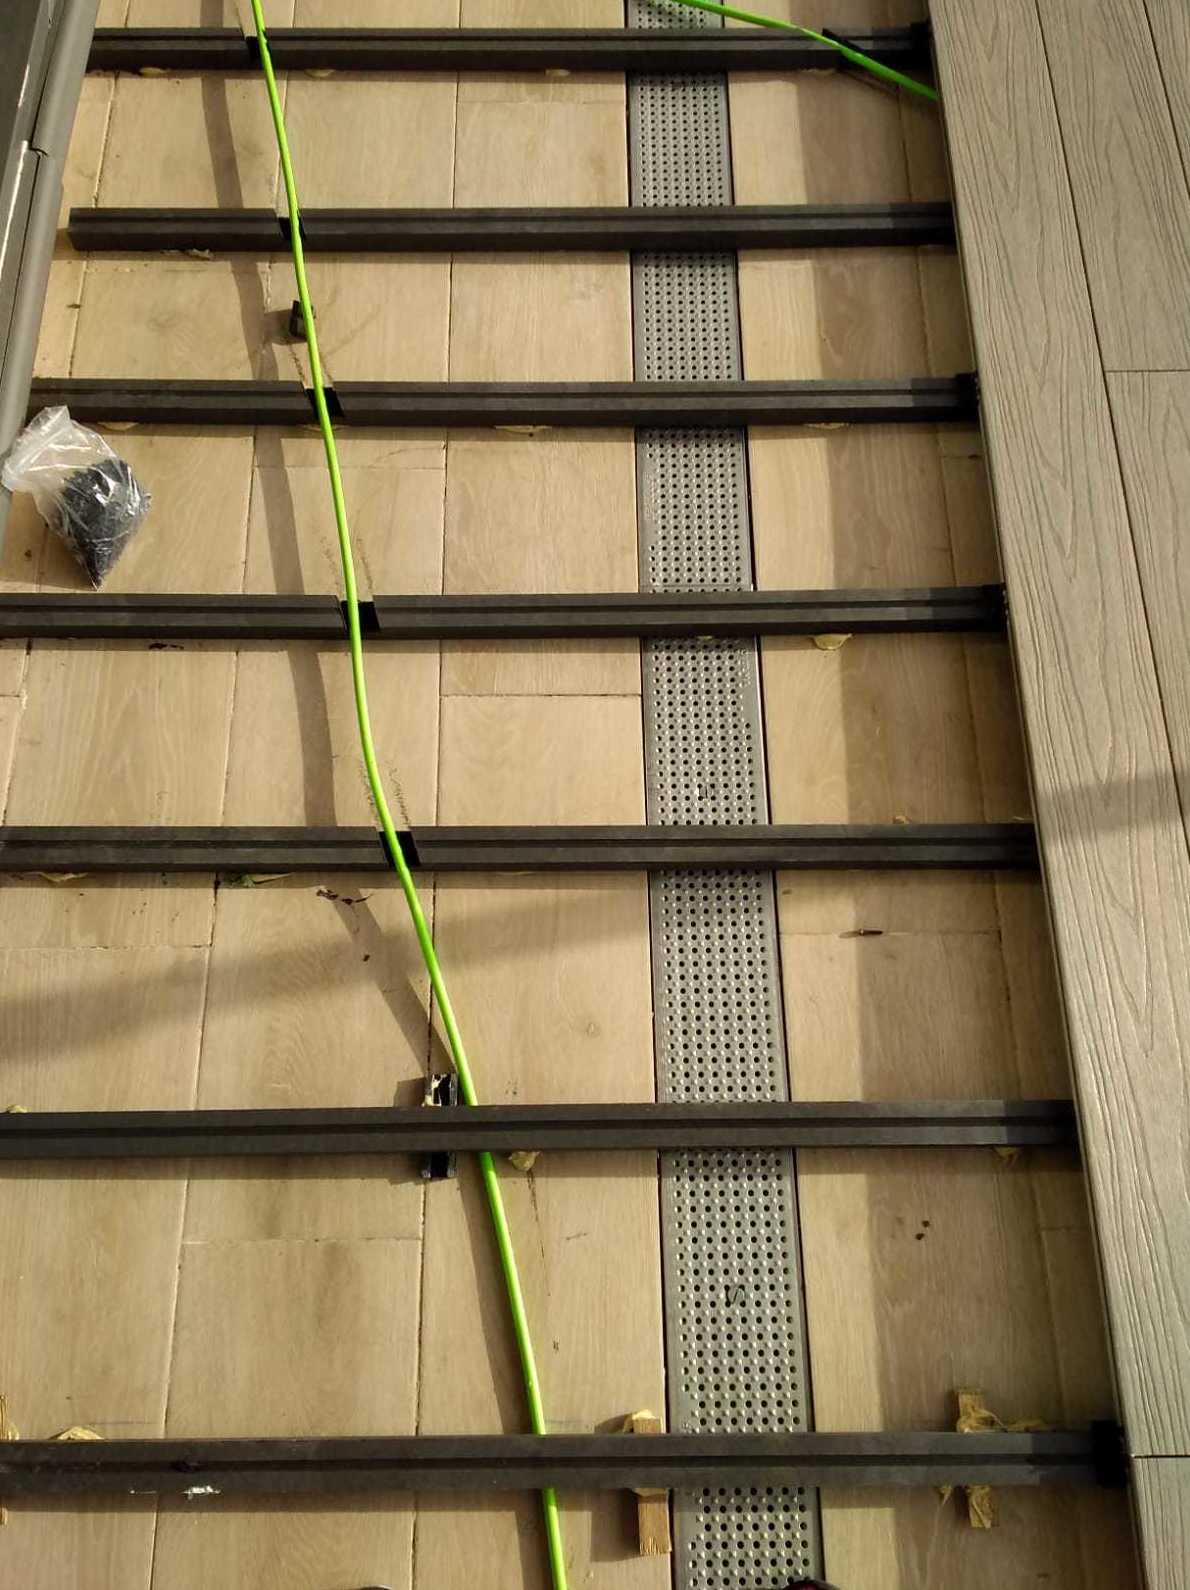 Instalación de Rastreles tecnológicos  salvando cables y desagües en Madrid